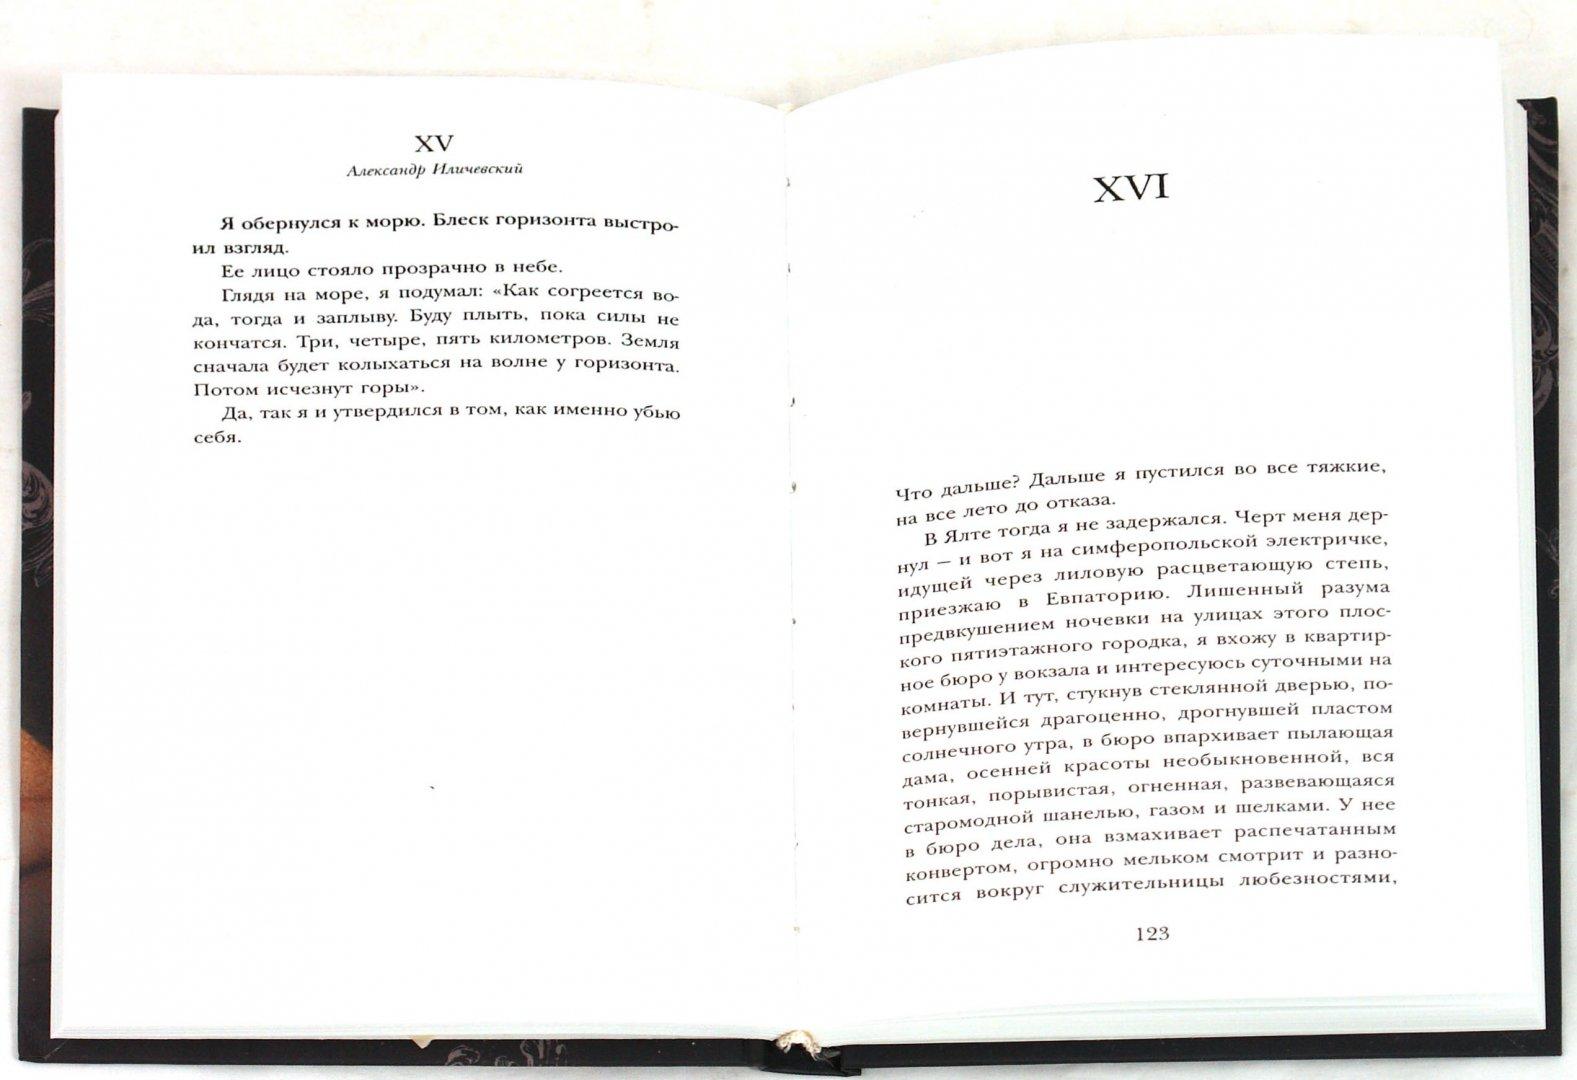 Иллюстрация 1 из 15 для Ай-Петри - Александр Иличевский | Лабиринт - книги. Источник: Лабиринт